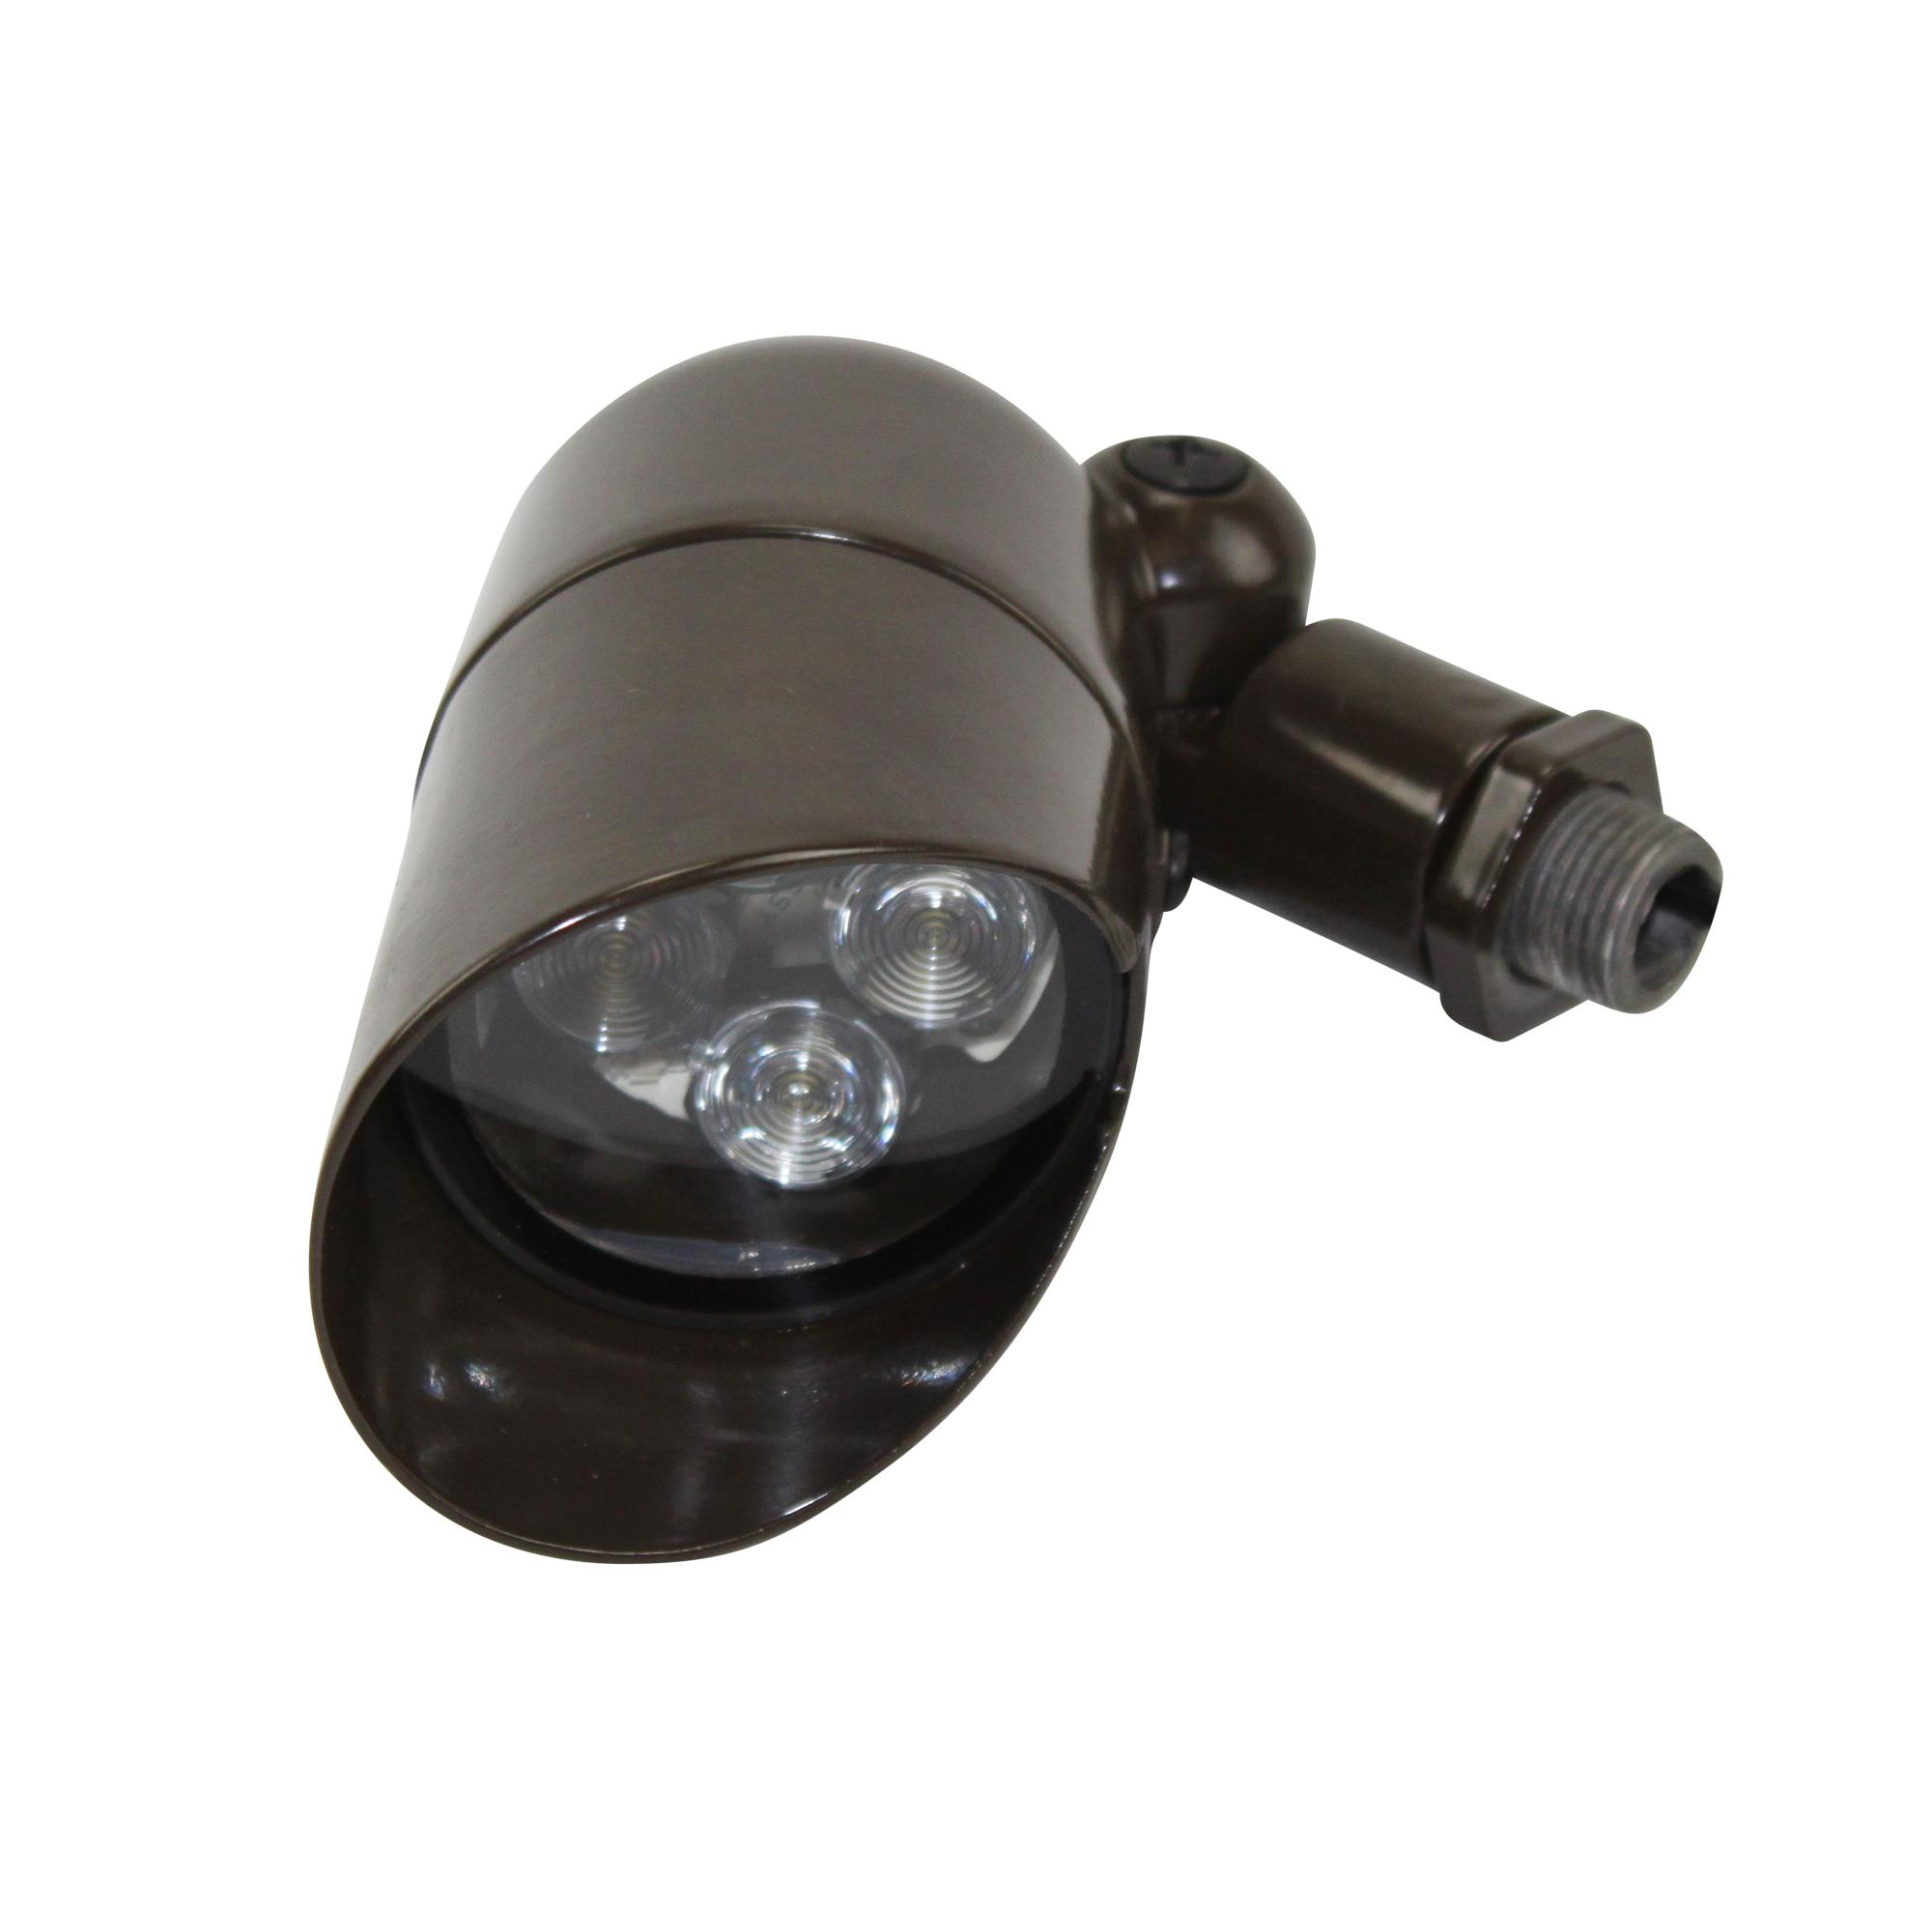 PHILIPS HADCO BL5D4 LED LOW VOLTAGE LANDSCAPE LIGHT